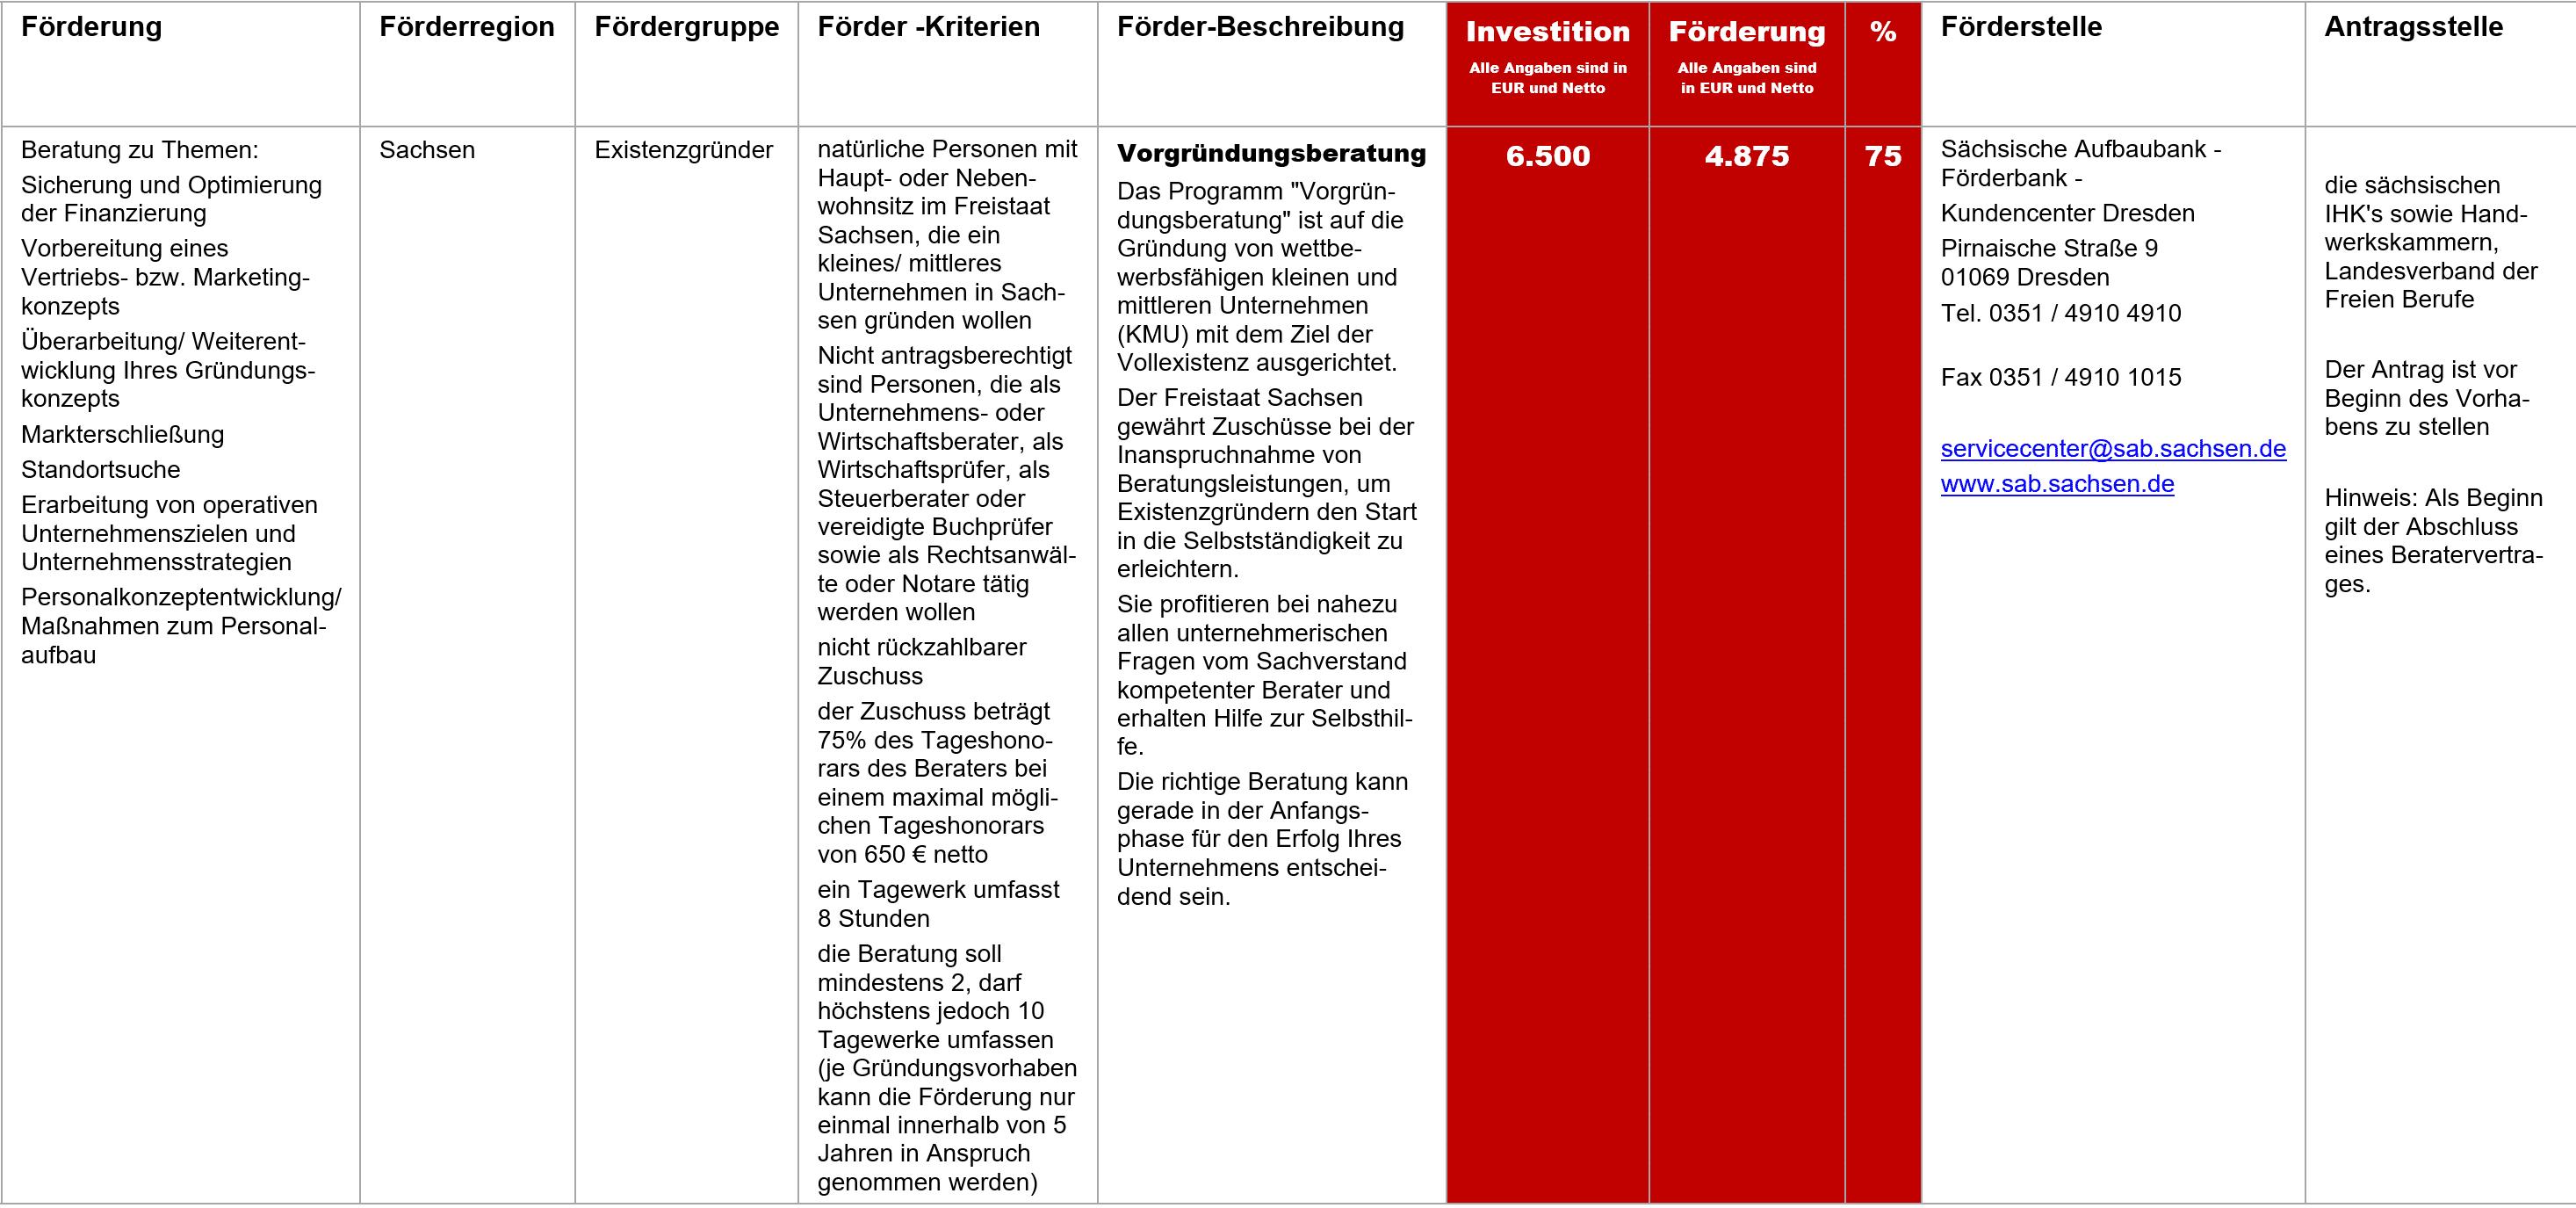 Vorgründungsberatung Sachsen, Fördermittel – Vorgründungsberatung Sachsen